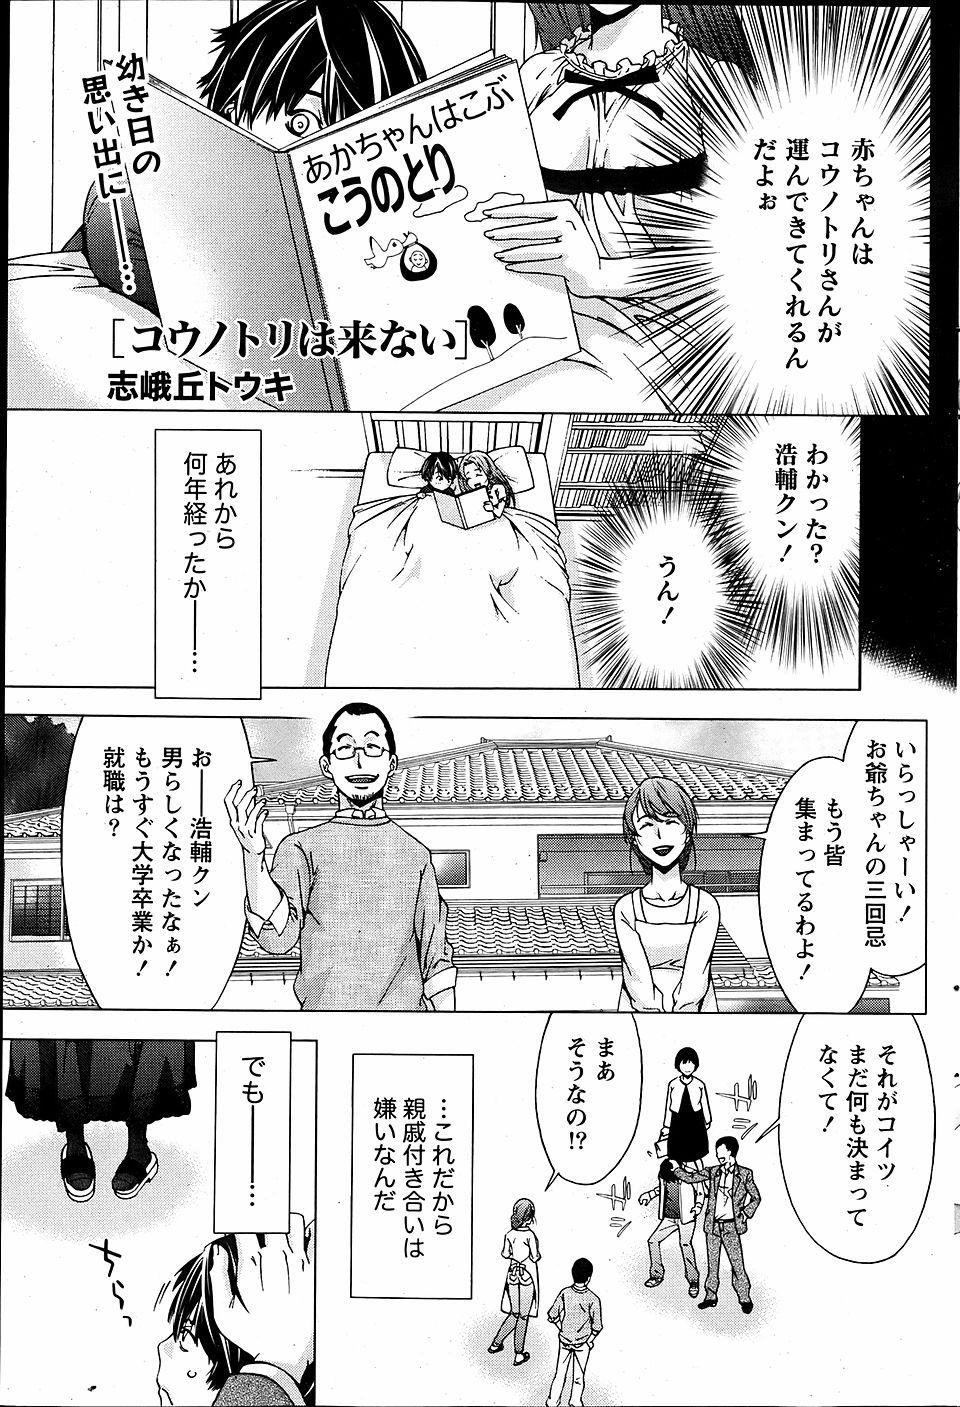 【エロ漫画・エロ同人誌】本当はエロい巨乳イトコを無理矢理エッチして本性開放したったwww (1)